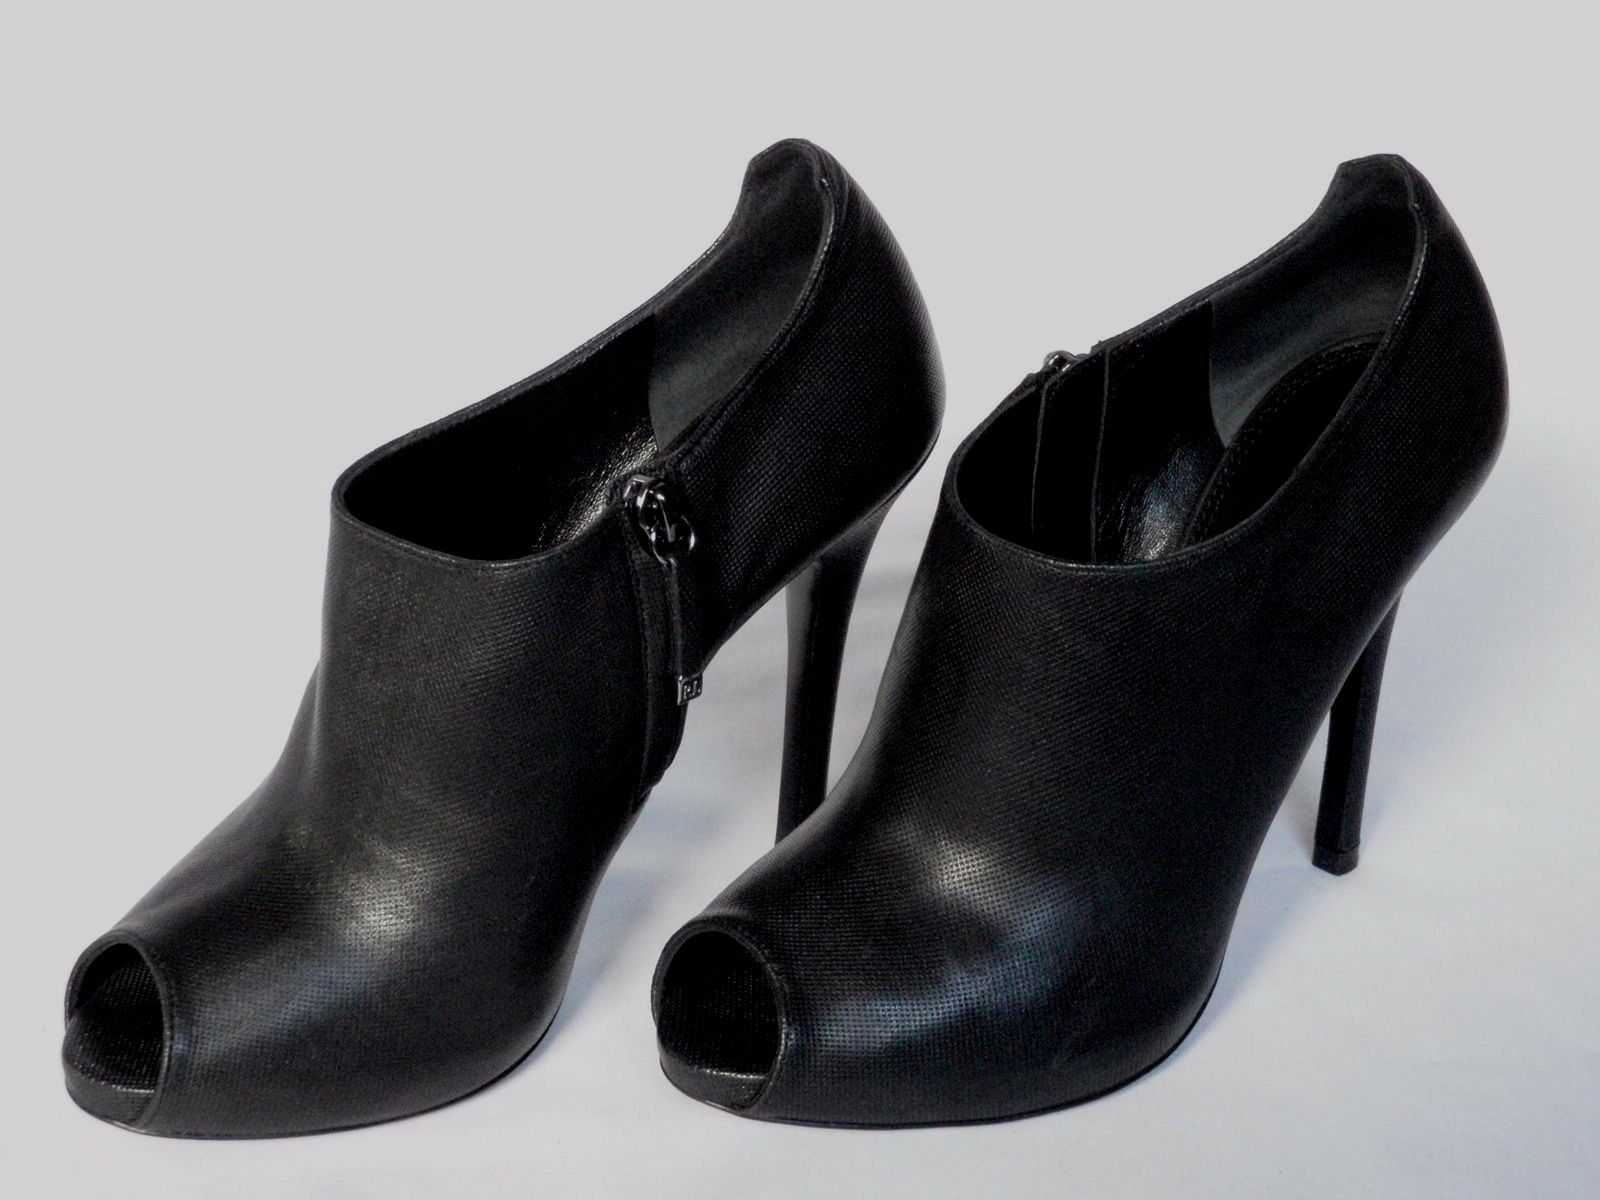 comodamente NUOVO Donna Ralph Lauren Scarpa Scarpa Scarpa in pelle nera Jassie avvio EU 40 US 10  alta qualità generale